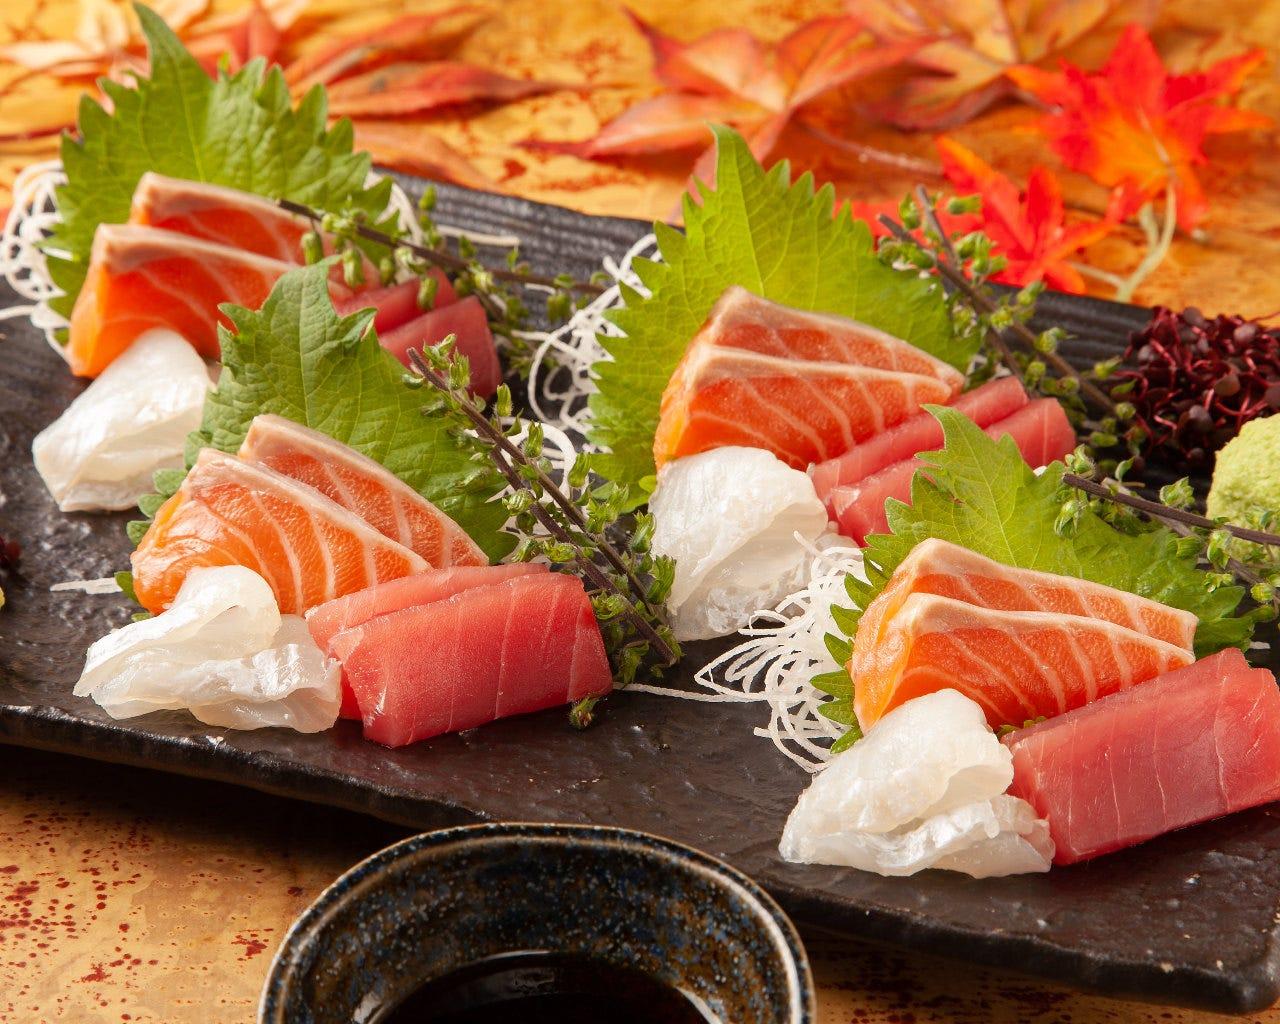 産地直送の旬の鮮魚を味わう